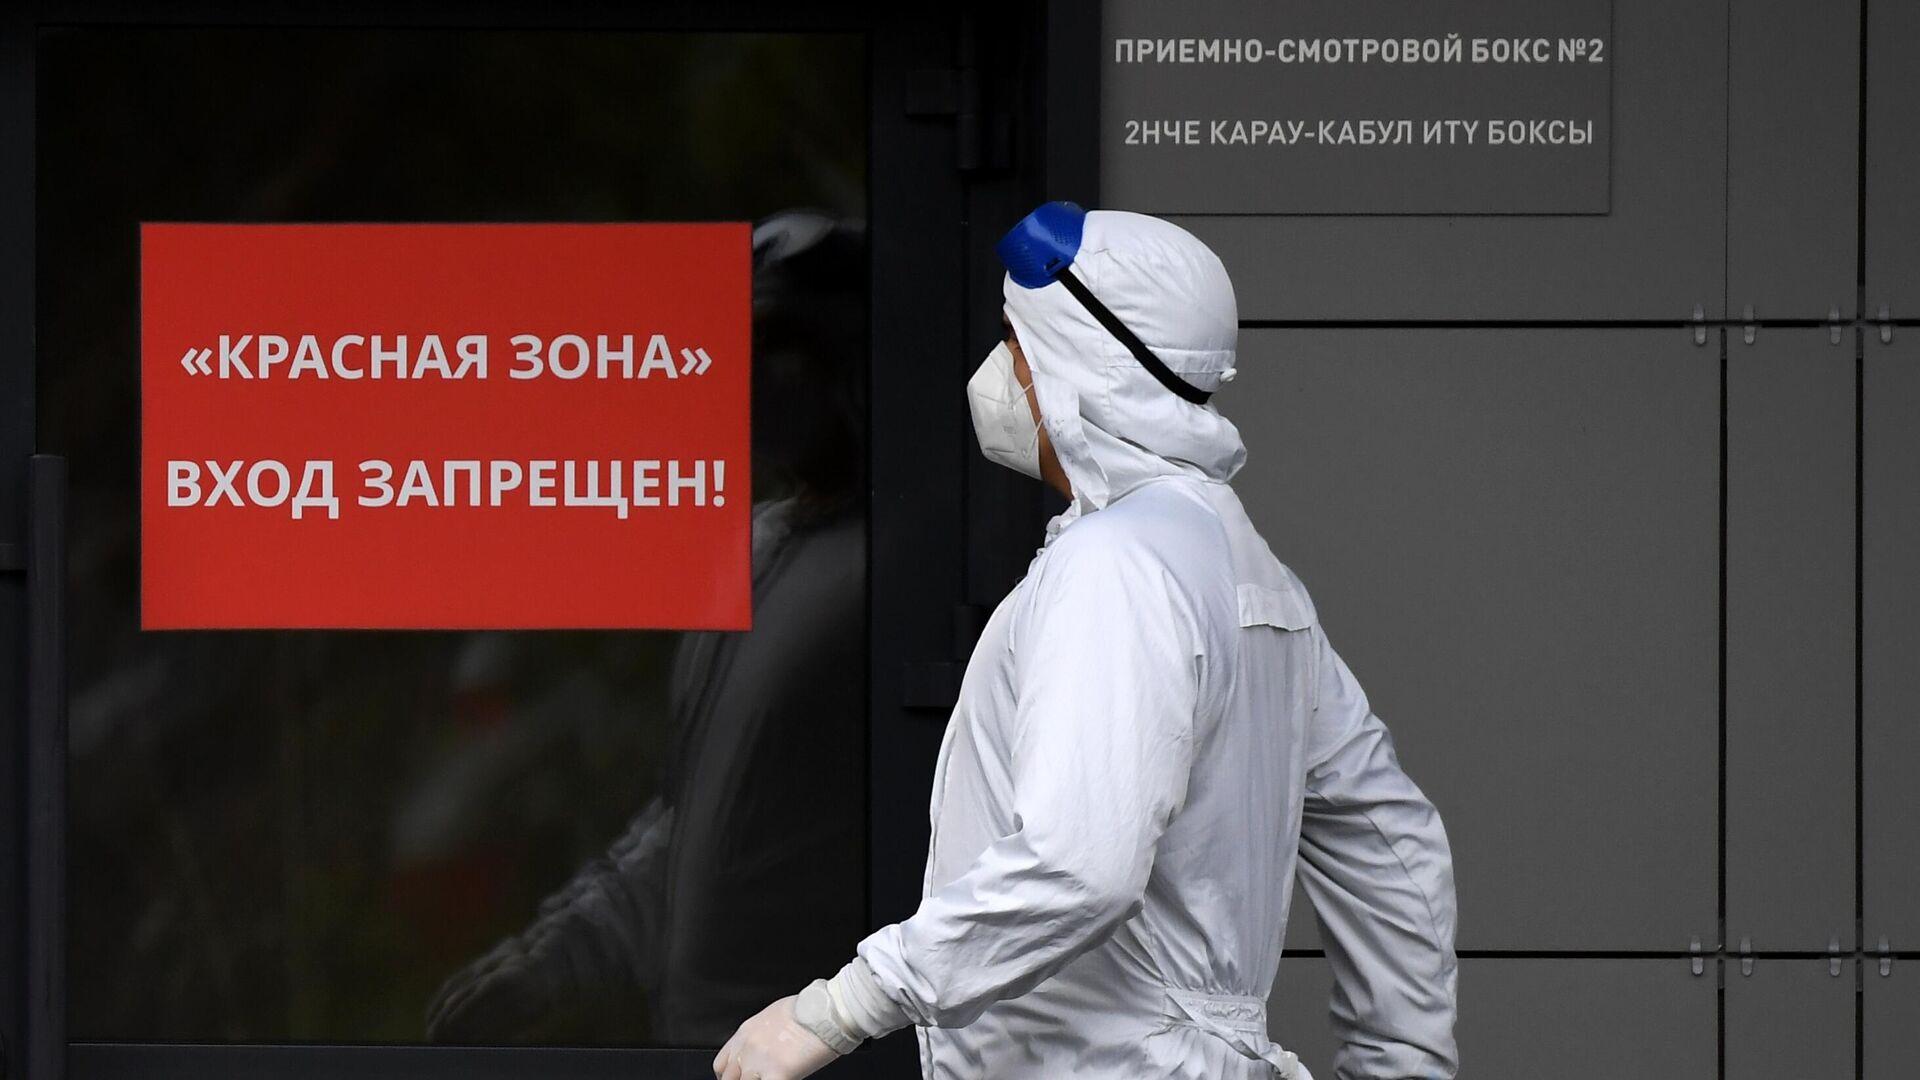 Медицинский сотрудник у входа в красную зону в больнице для больных коронавирусом - Sputnik Беларусь, 1920, 09.10.2021